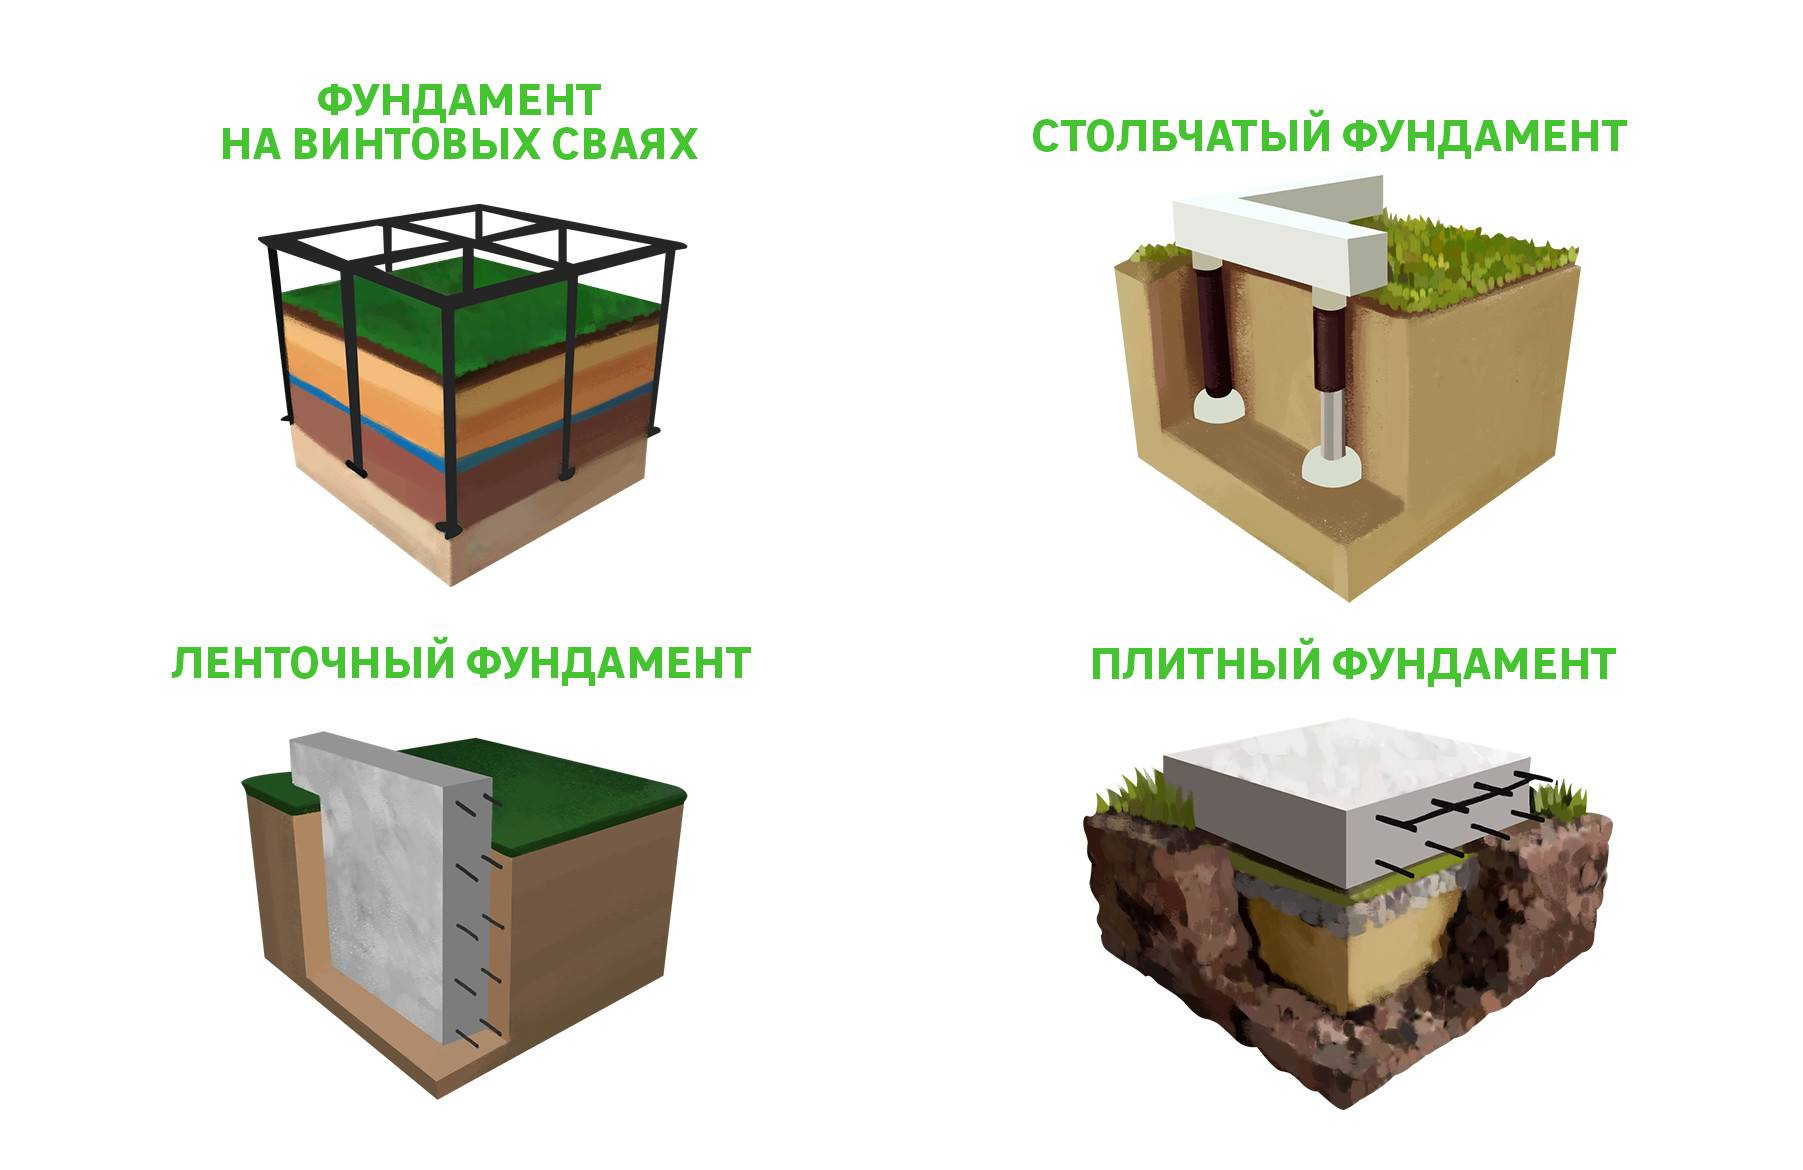 Выбираем правильный фундамент для гаража: как сделать основание своими руками, разметка и гидроизоляция